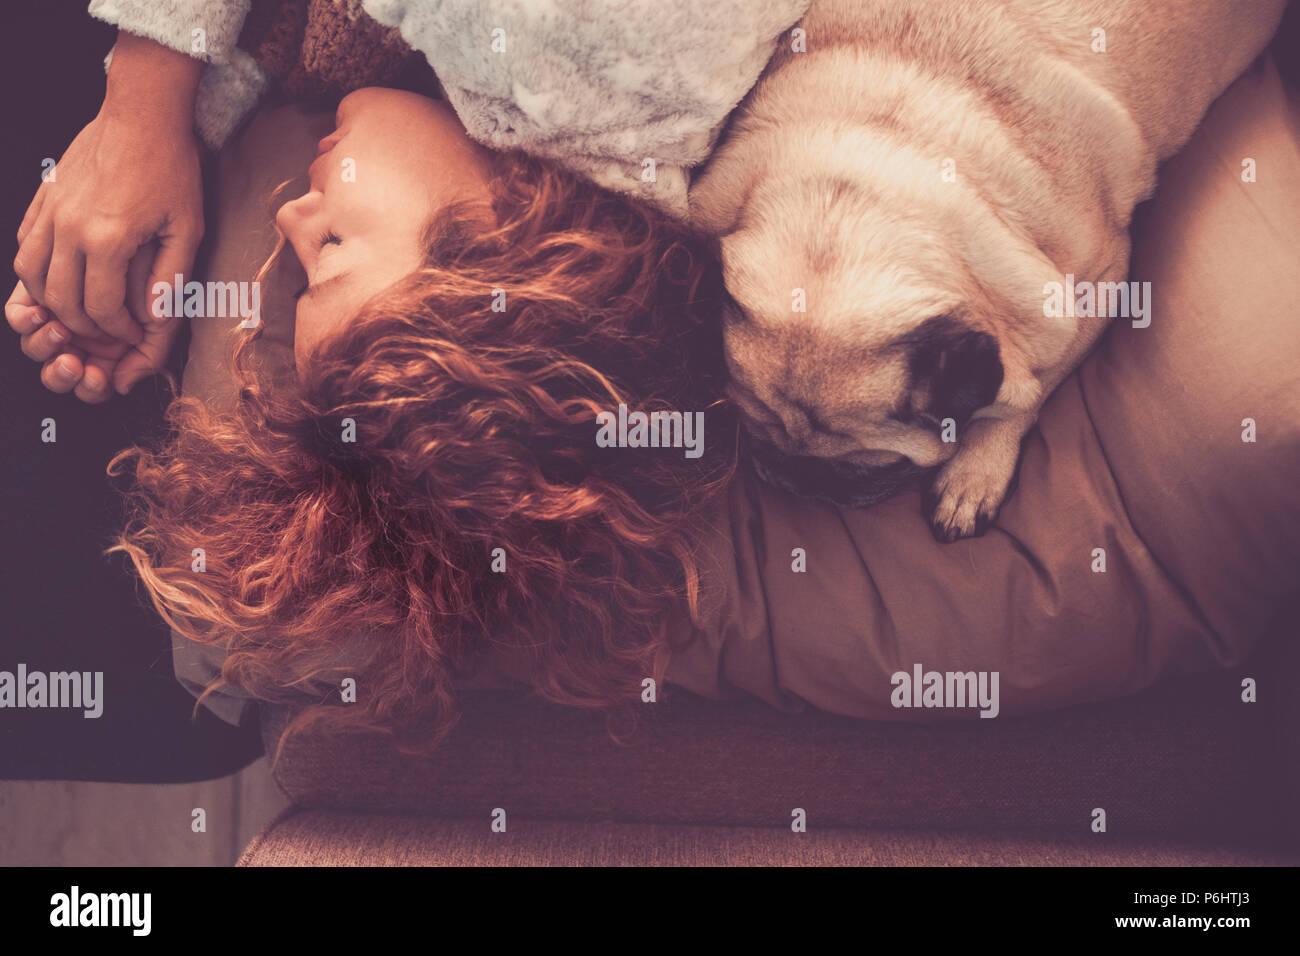 Concepto de relación y amistad con la joven mujer hermosa y agradable perro pug dormir juntos en la cama en la mañana. más con amor y swee Imagen De Stock